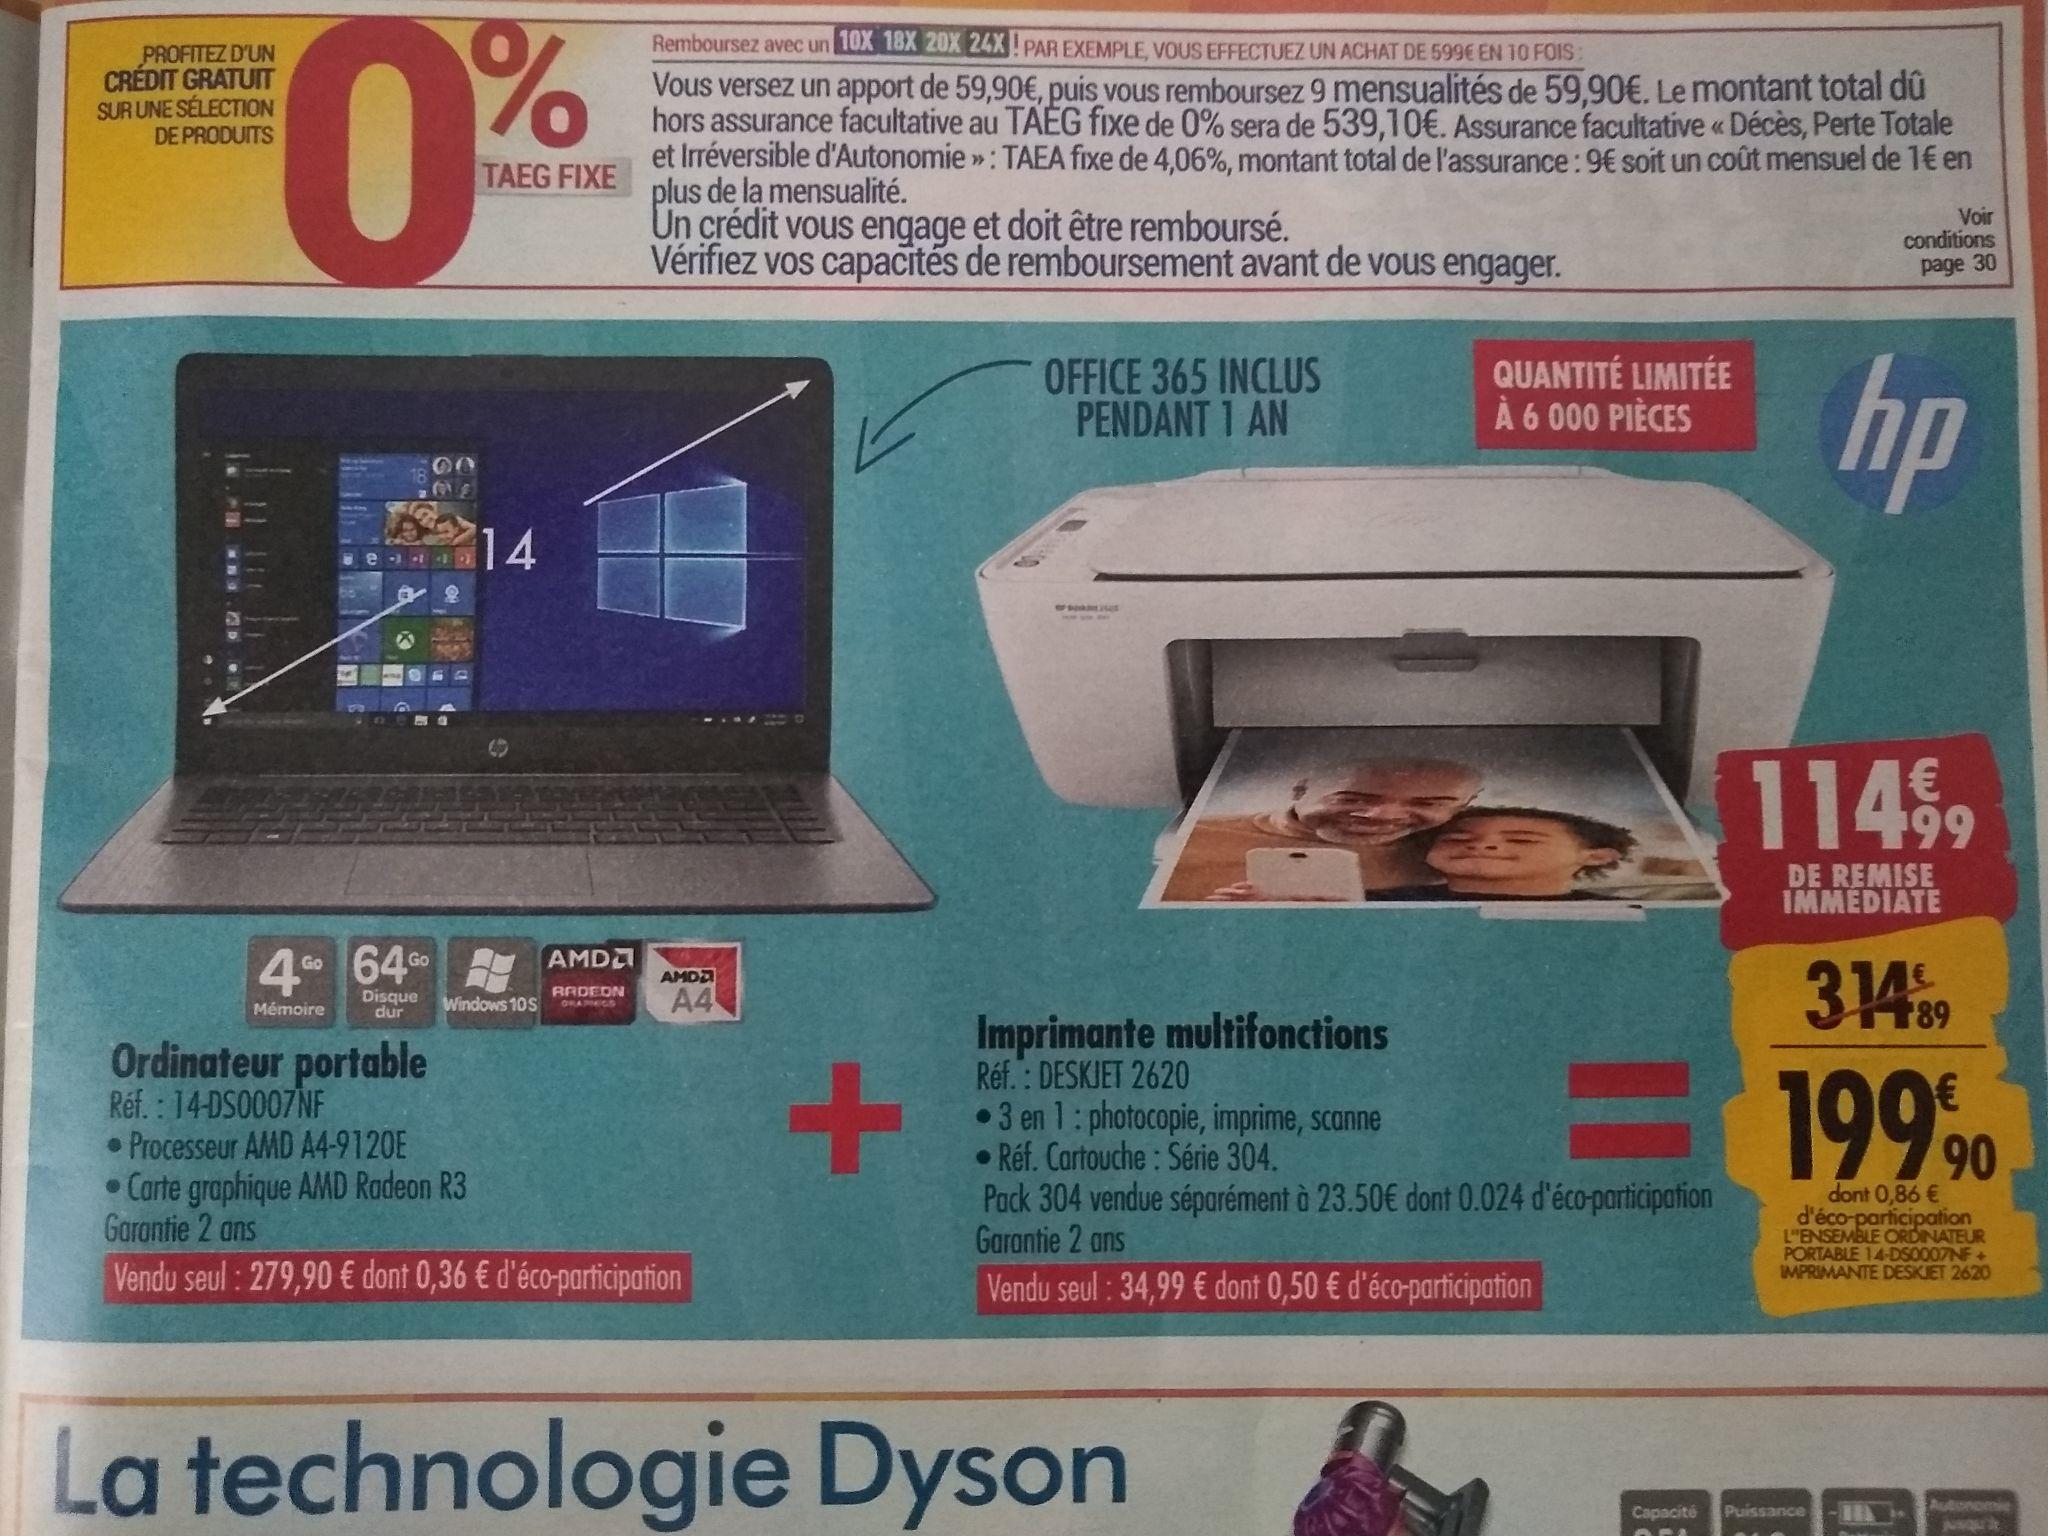 """Pack PC portable 14"""" HP 14-ds0007nf (A4-9120E, Radeon R3, 4 Go de RAM, 64 Go, Windows 10S) + imprimante à jet d'encre HP DeskJet 2620"""